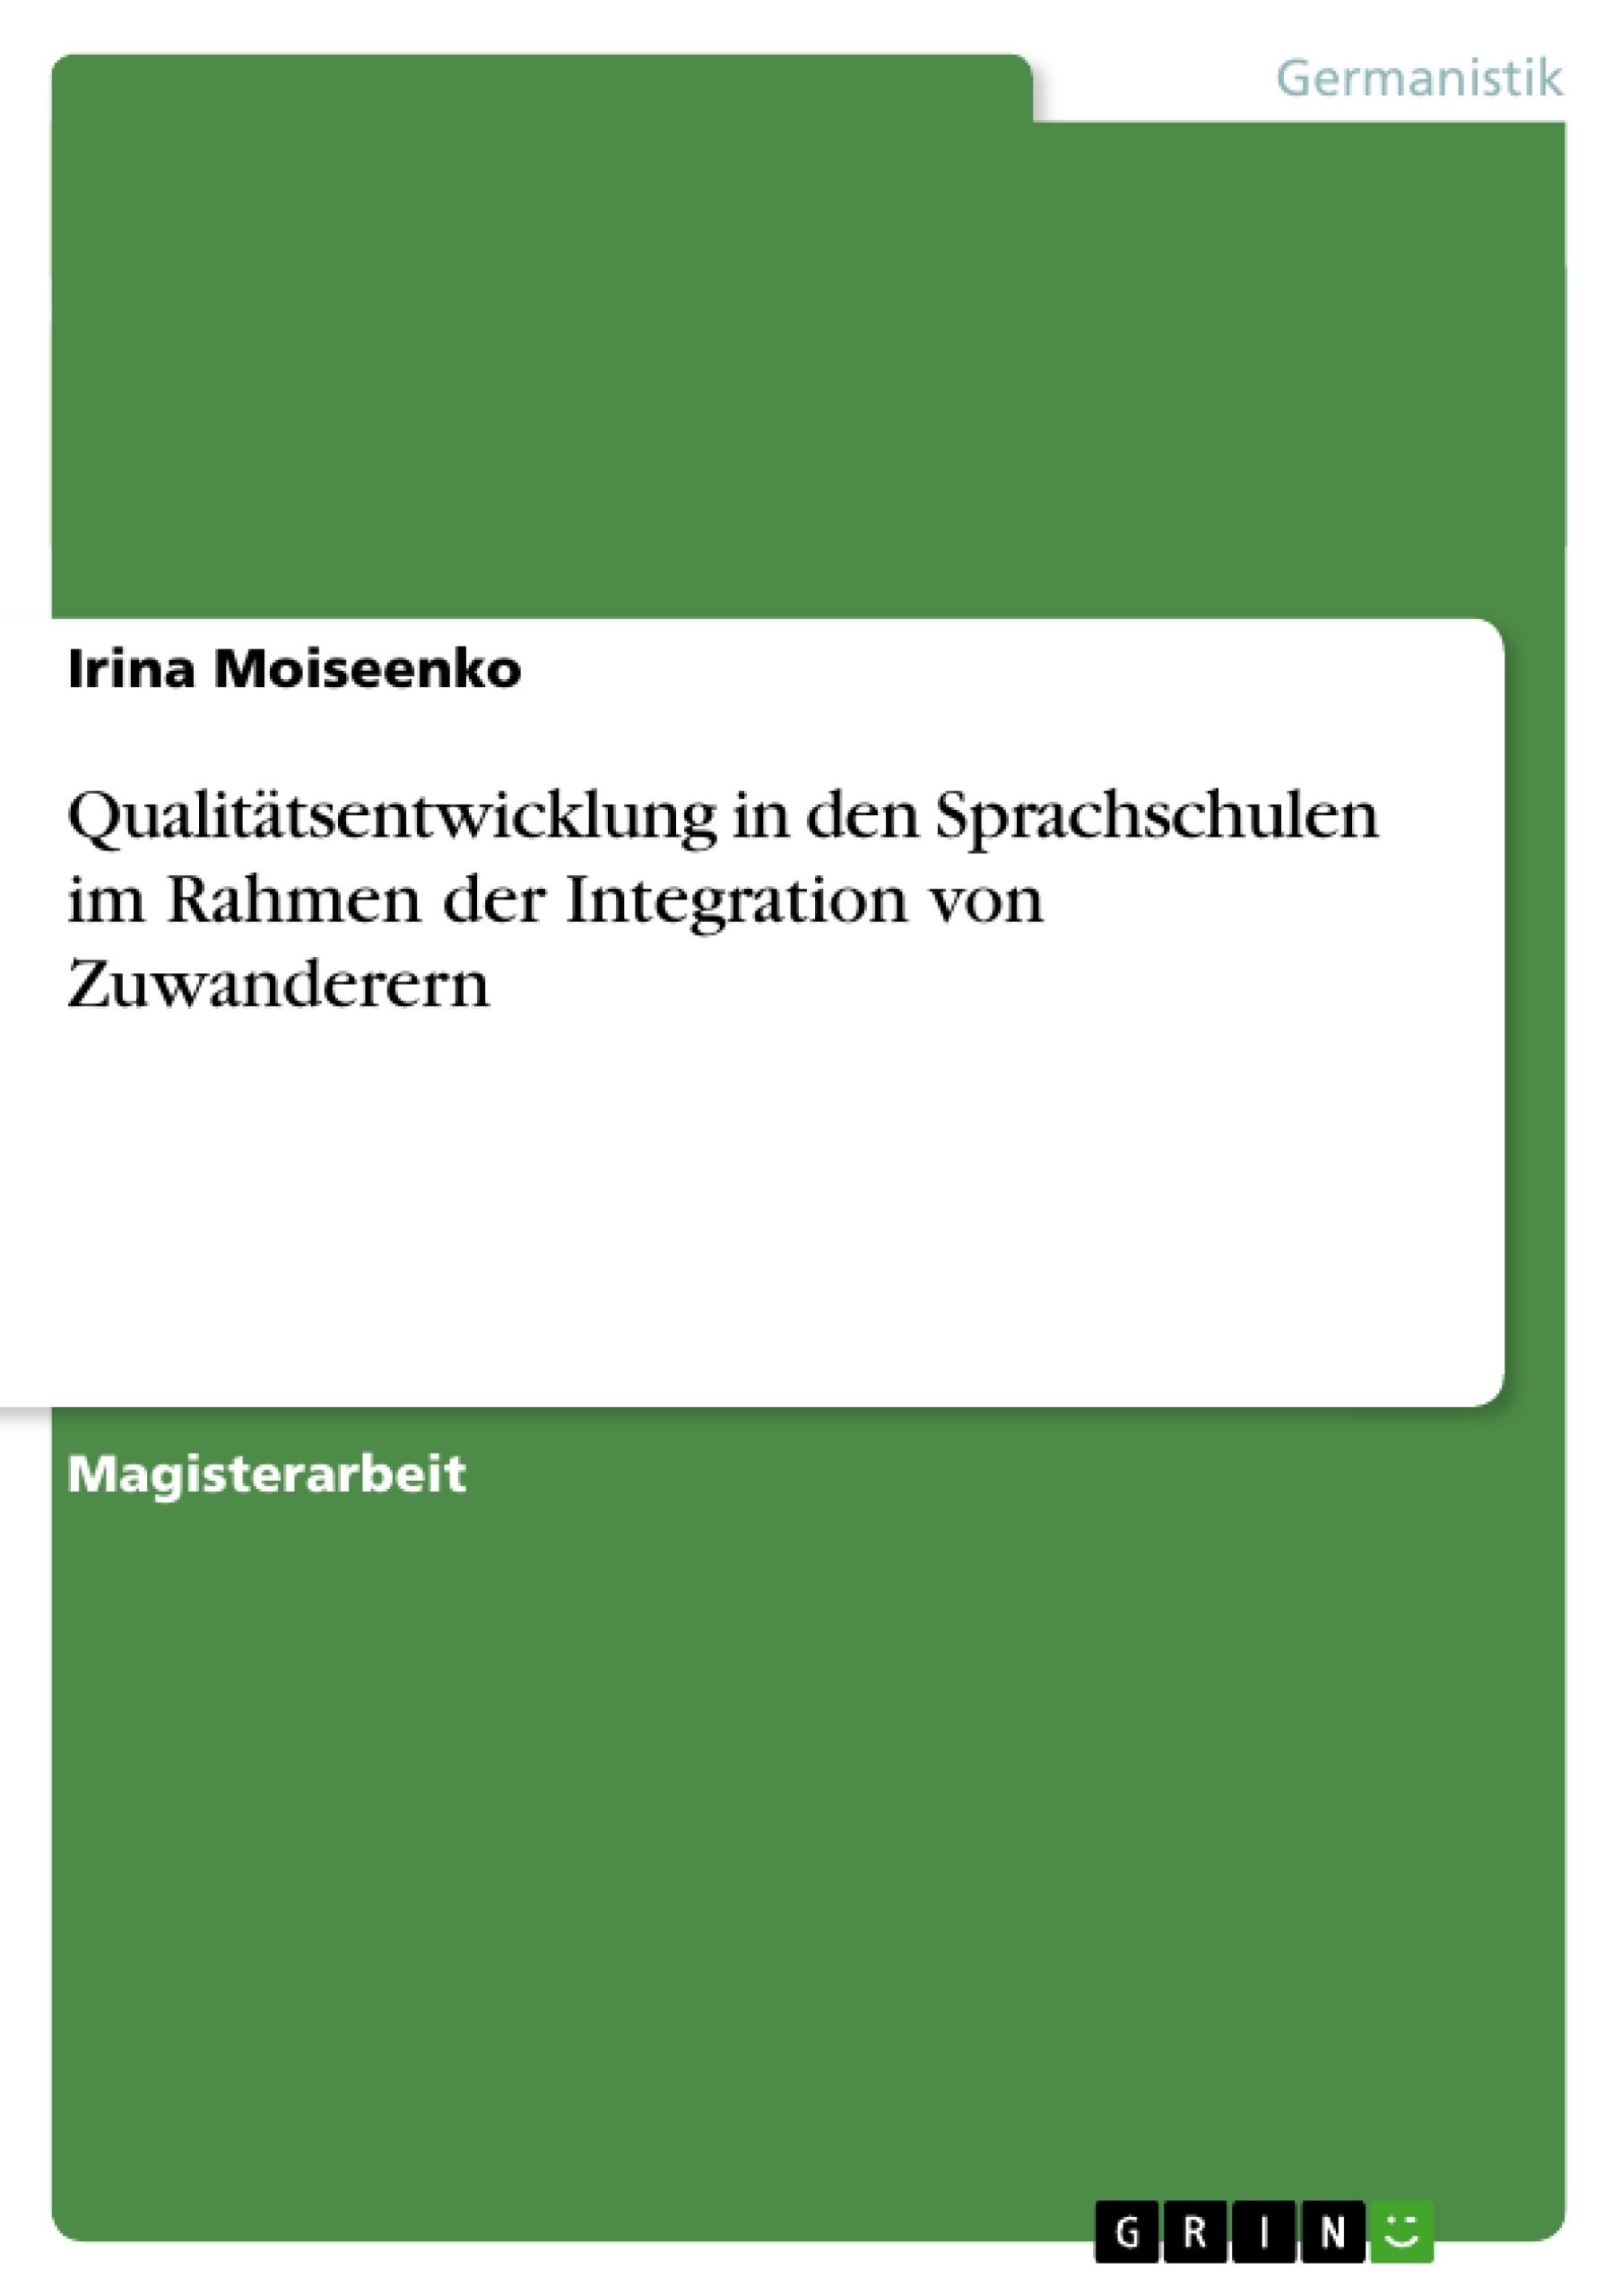 Qualitätsentwicklung in den Sprachschulen im Rahmen der ...